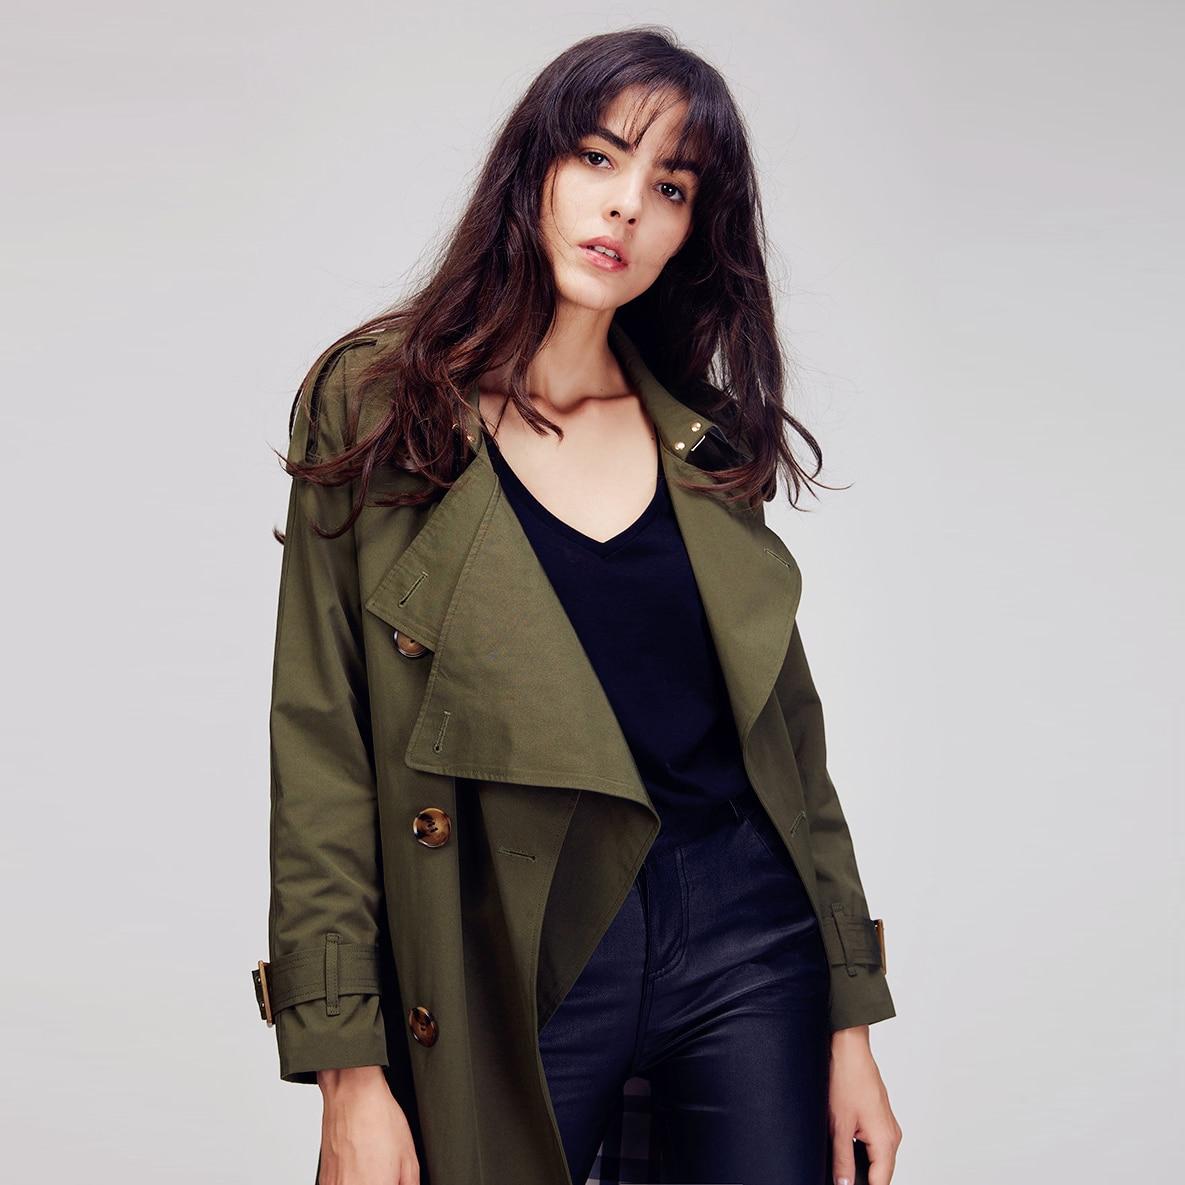 JAZZEVAR 2019 Herfst Nieuwe High Fashion Merk vrouwen Double Breasted trenchcoat Wasserfall Kraag uitloper Losse Kleding-in Loopgraaf van Dames Kleding op  Groep 2